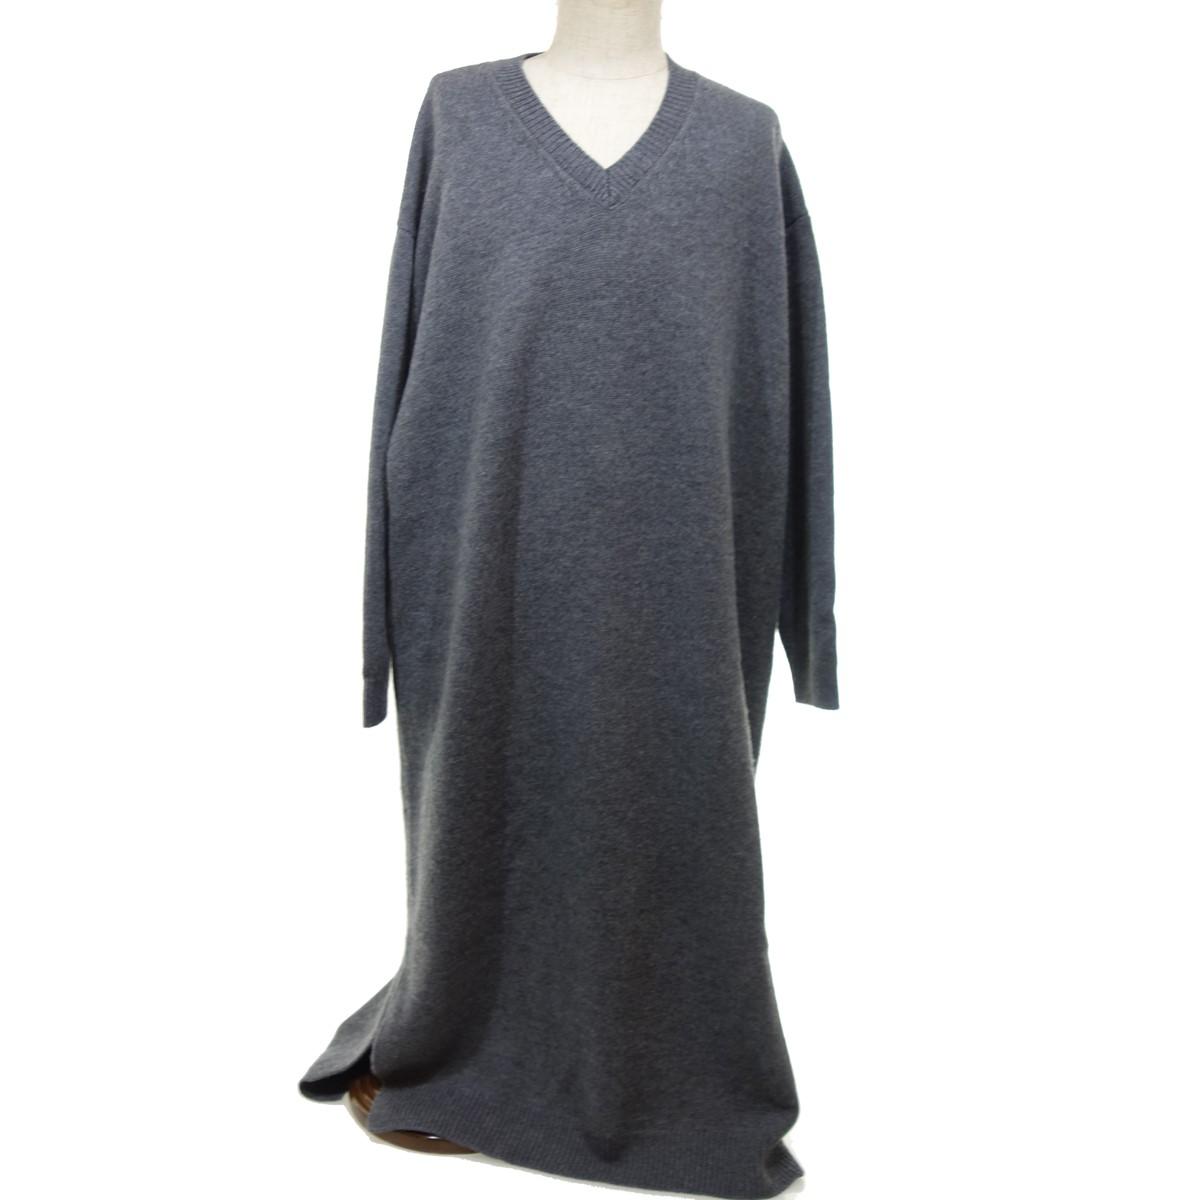 【中古】ENFOLD DRESS ニットワンピース グレー サイズ:38 【010320】(エンフォルド)